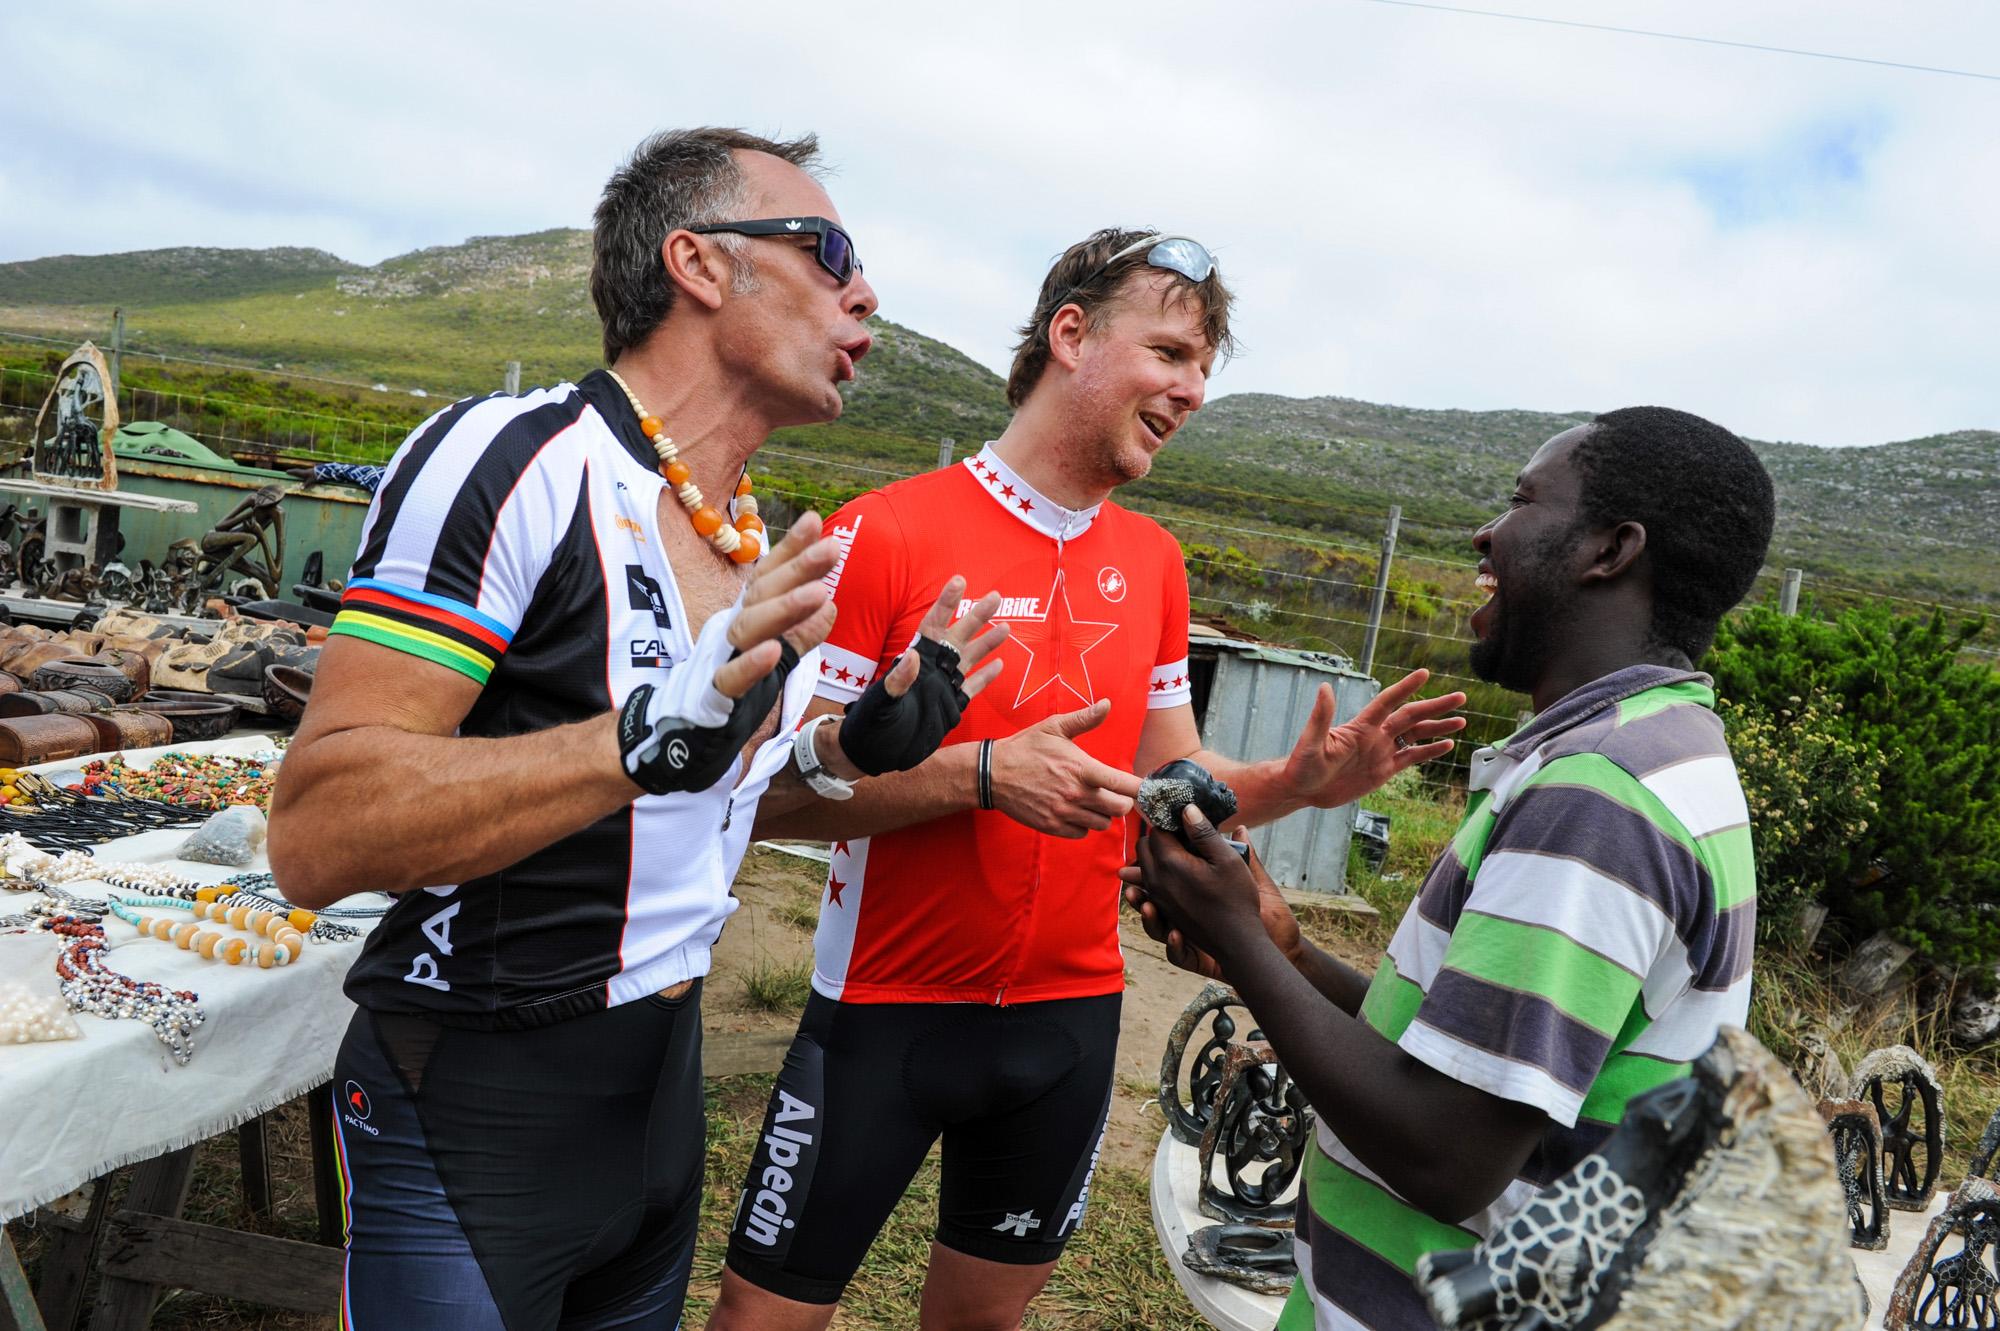 Jens Vögele und Mike Kluge verhandeln mit einem Marktverkäufer.